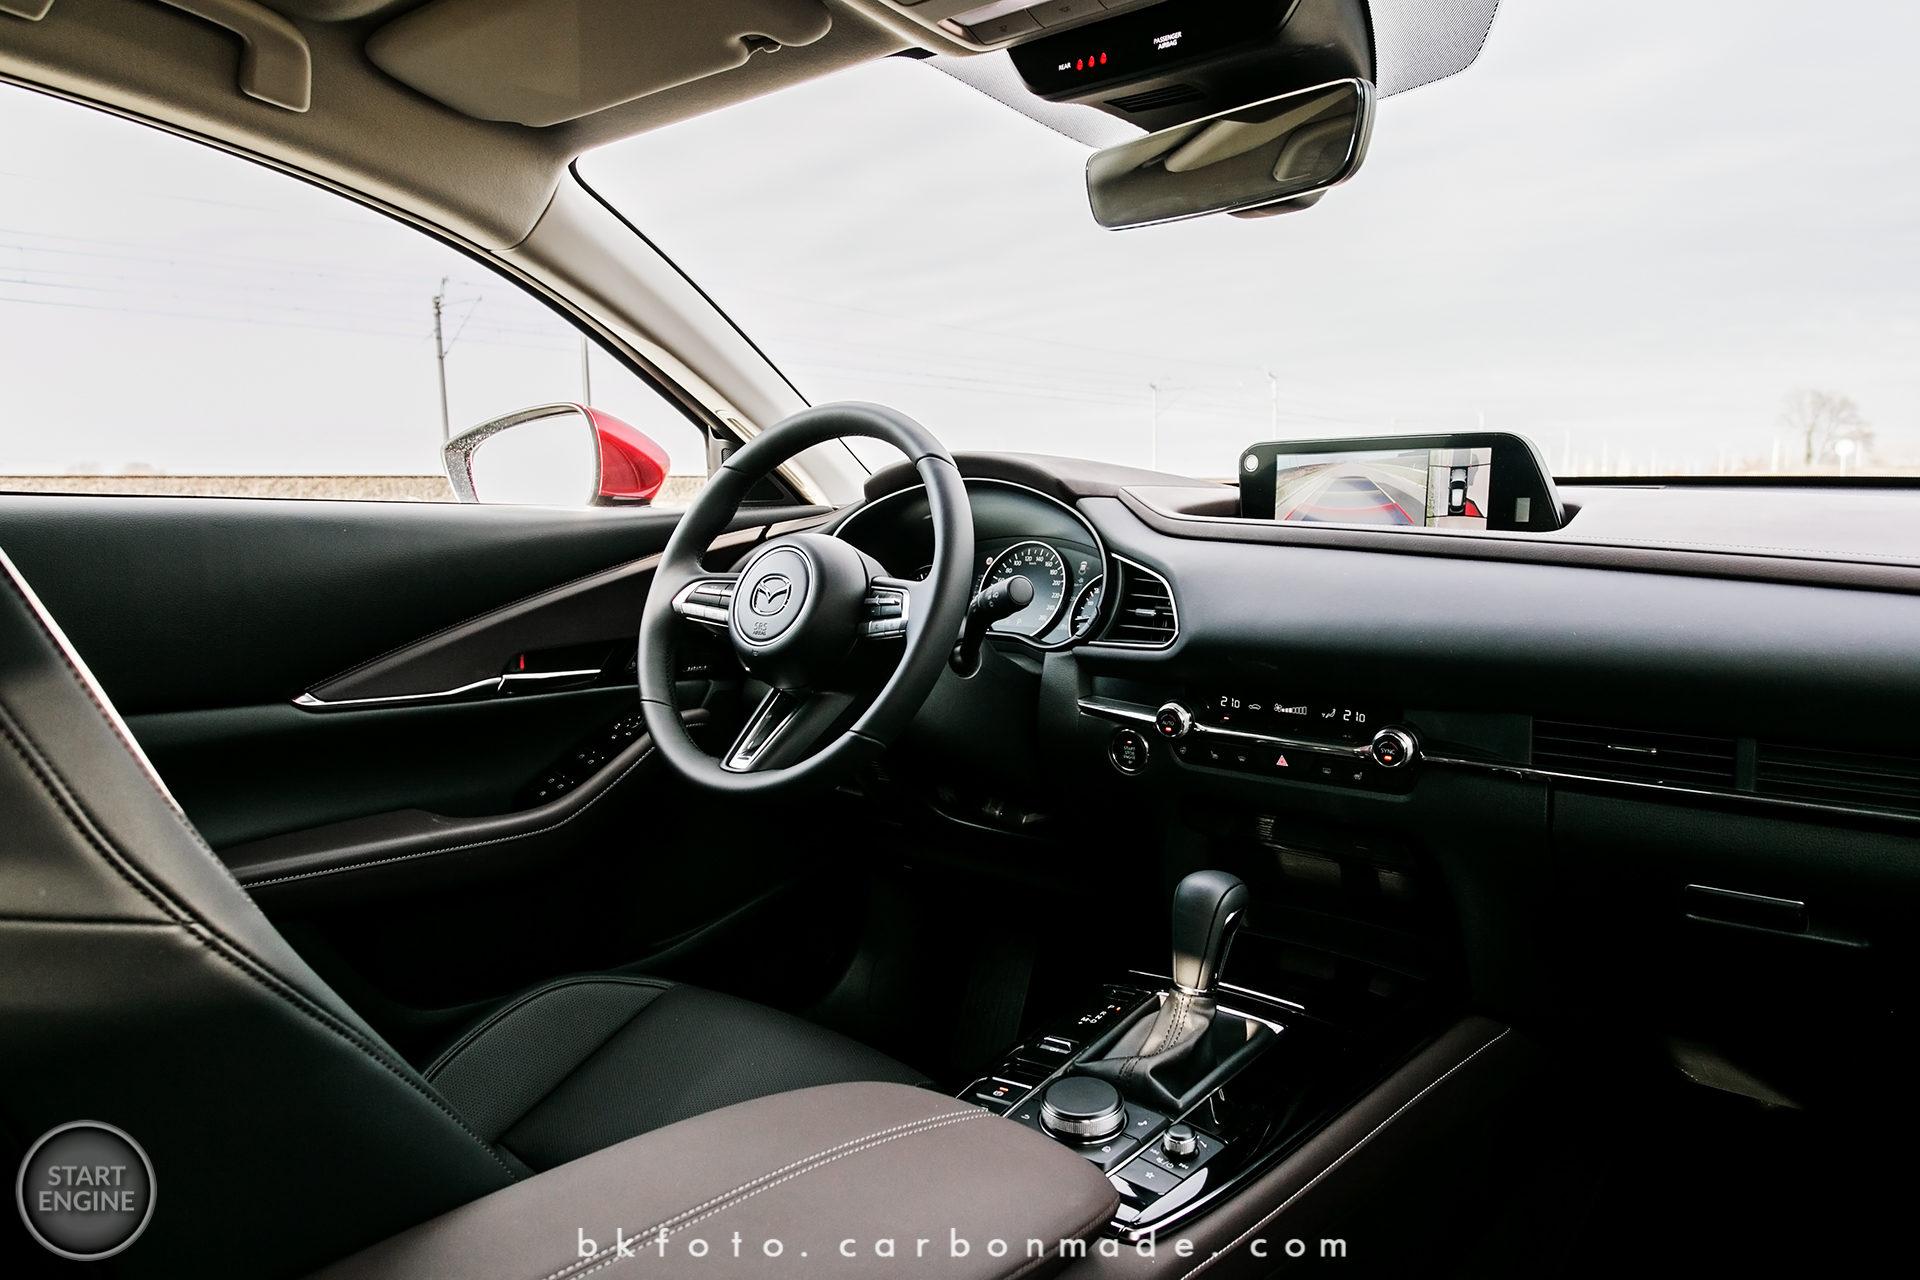 Mazda CX-30 HIKARI 2.0 SKYACTIV-X 180 KM 6AT